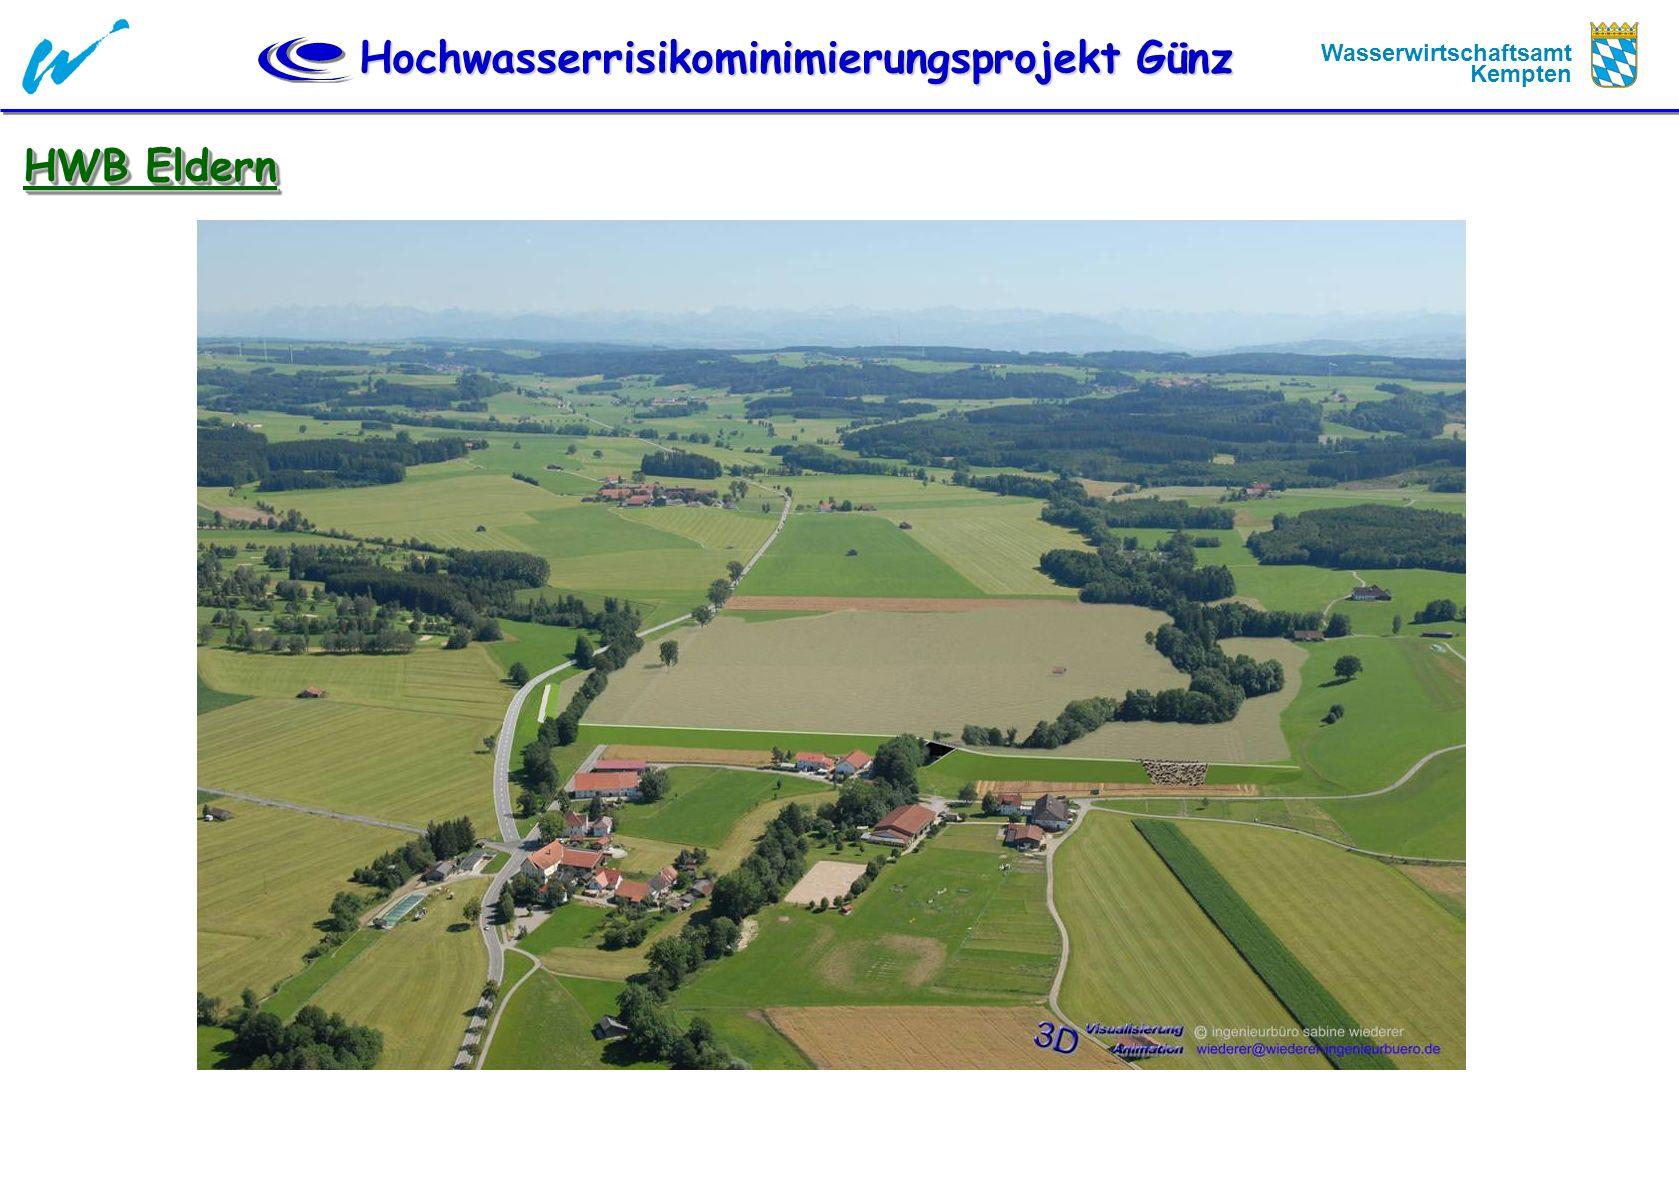 Hochwasserrisikominimierungsprojekt Günz Wasserwirtschaftsamt Kempten HWB Eldern